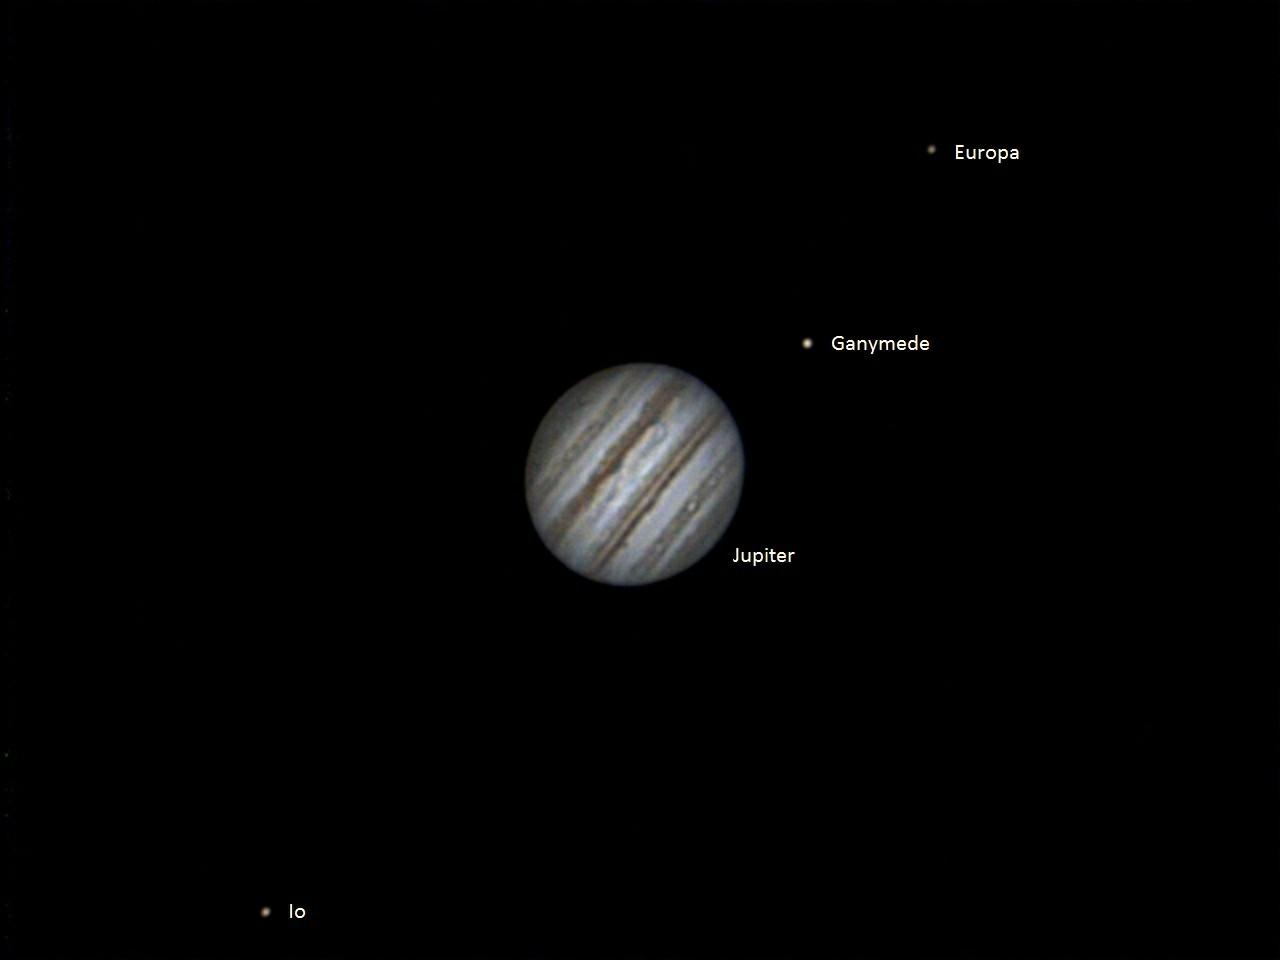 Io Jupiter Ganymede Europa